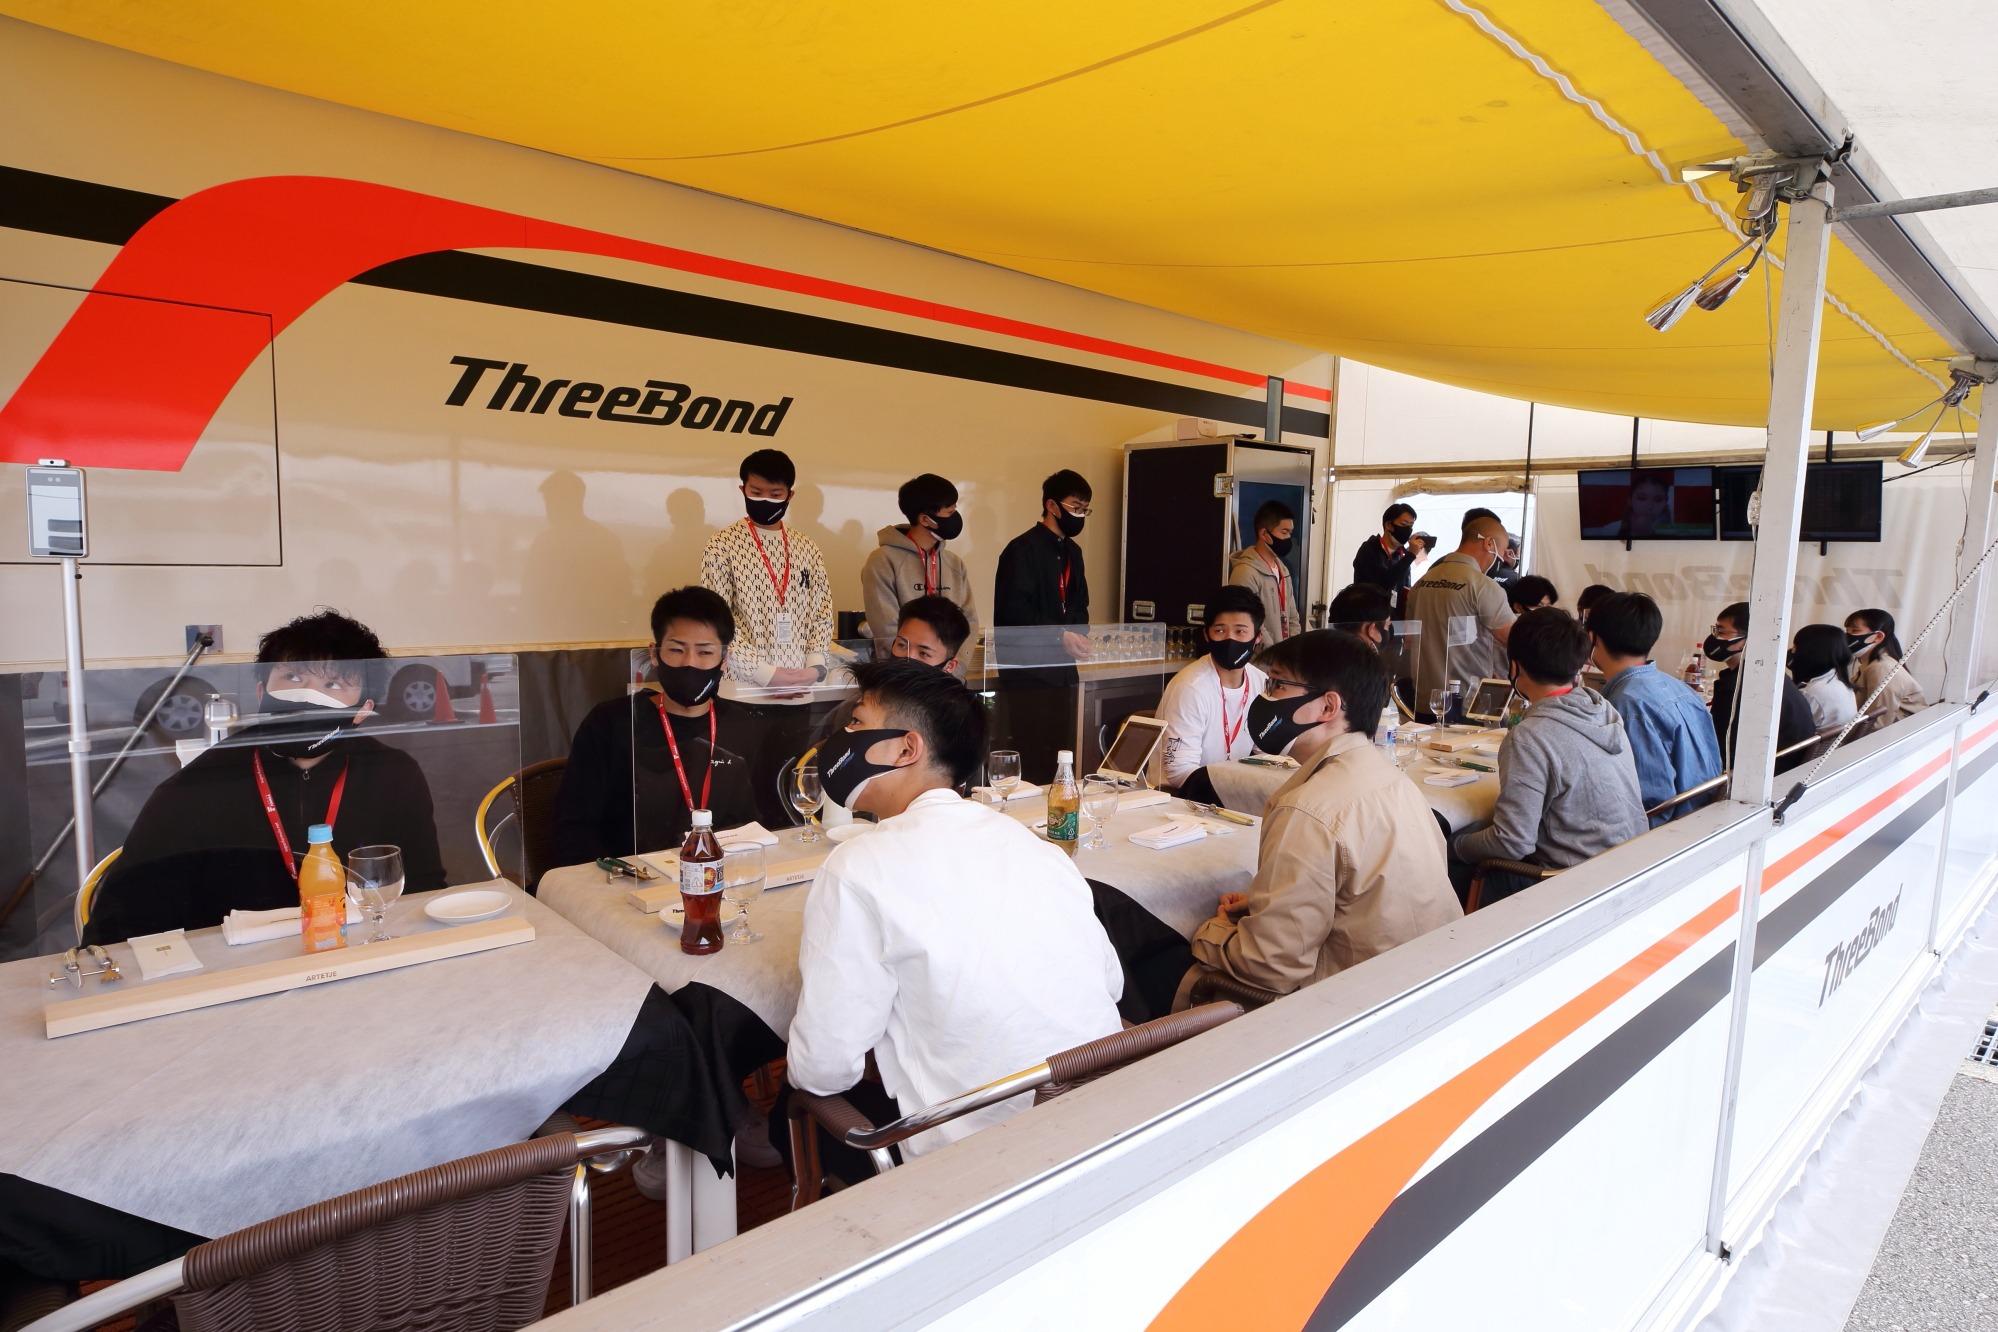 レースの週末、サーキットに設置したモーターホームでホスピタリティサービスを行う。スポンサーやパートナー企業の関係者が集まりビジネスの話になることも。